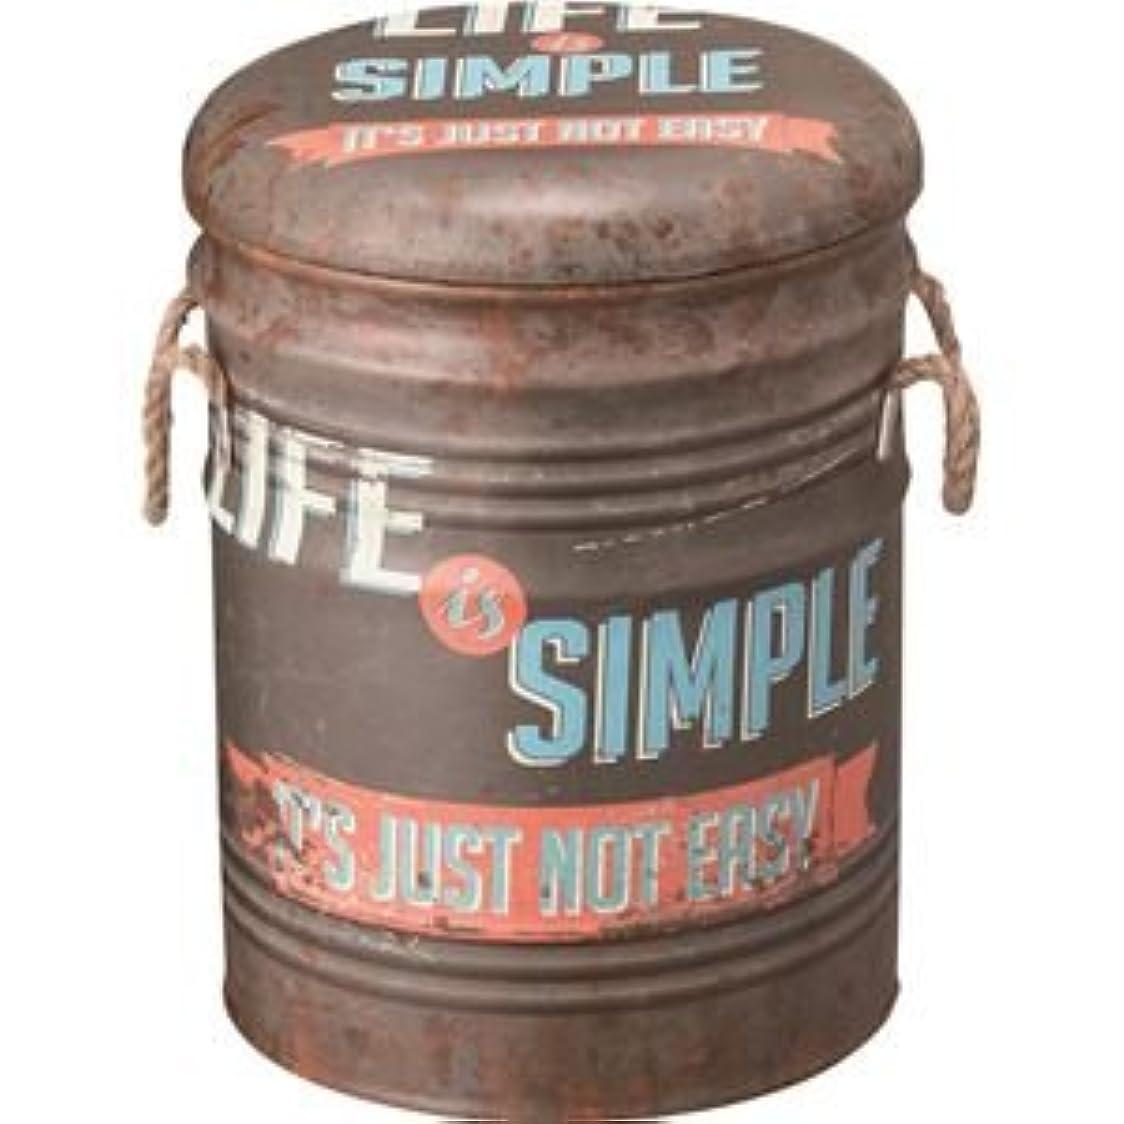 ロッド新着変なペール缶スツール(収納付きスツール) スチール (インテリア家具) JAM-231B